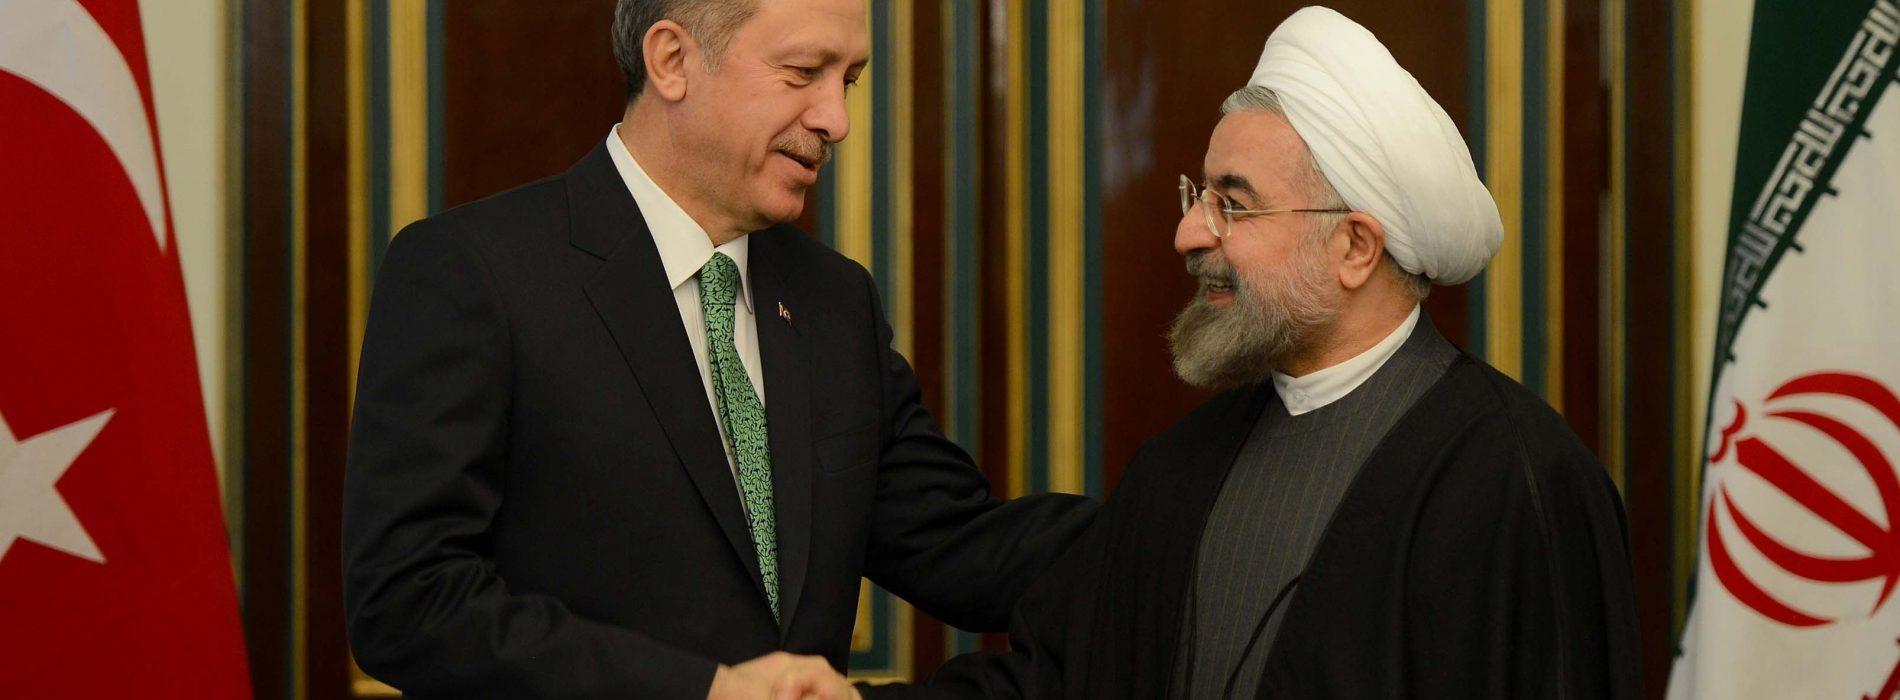 Ambargo Kaldırılması Sonrası Türkiye-İran Ekonomik İlişkileri